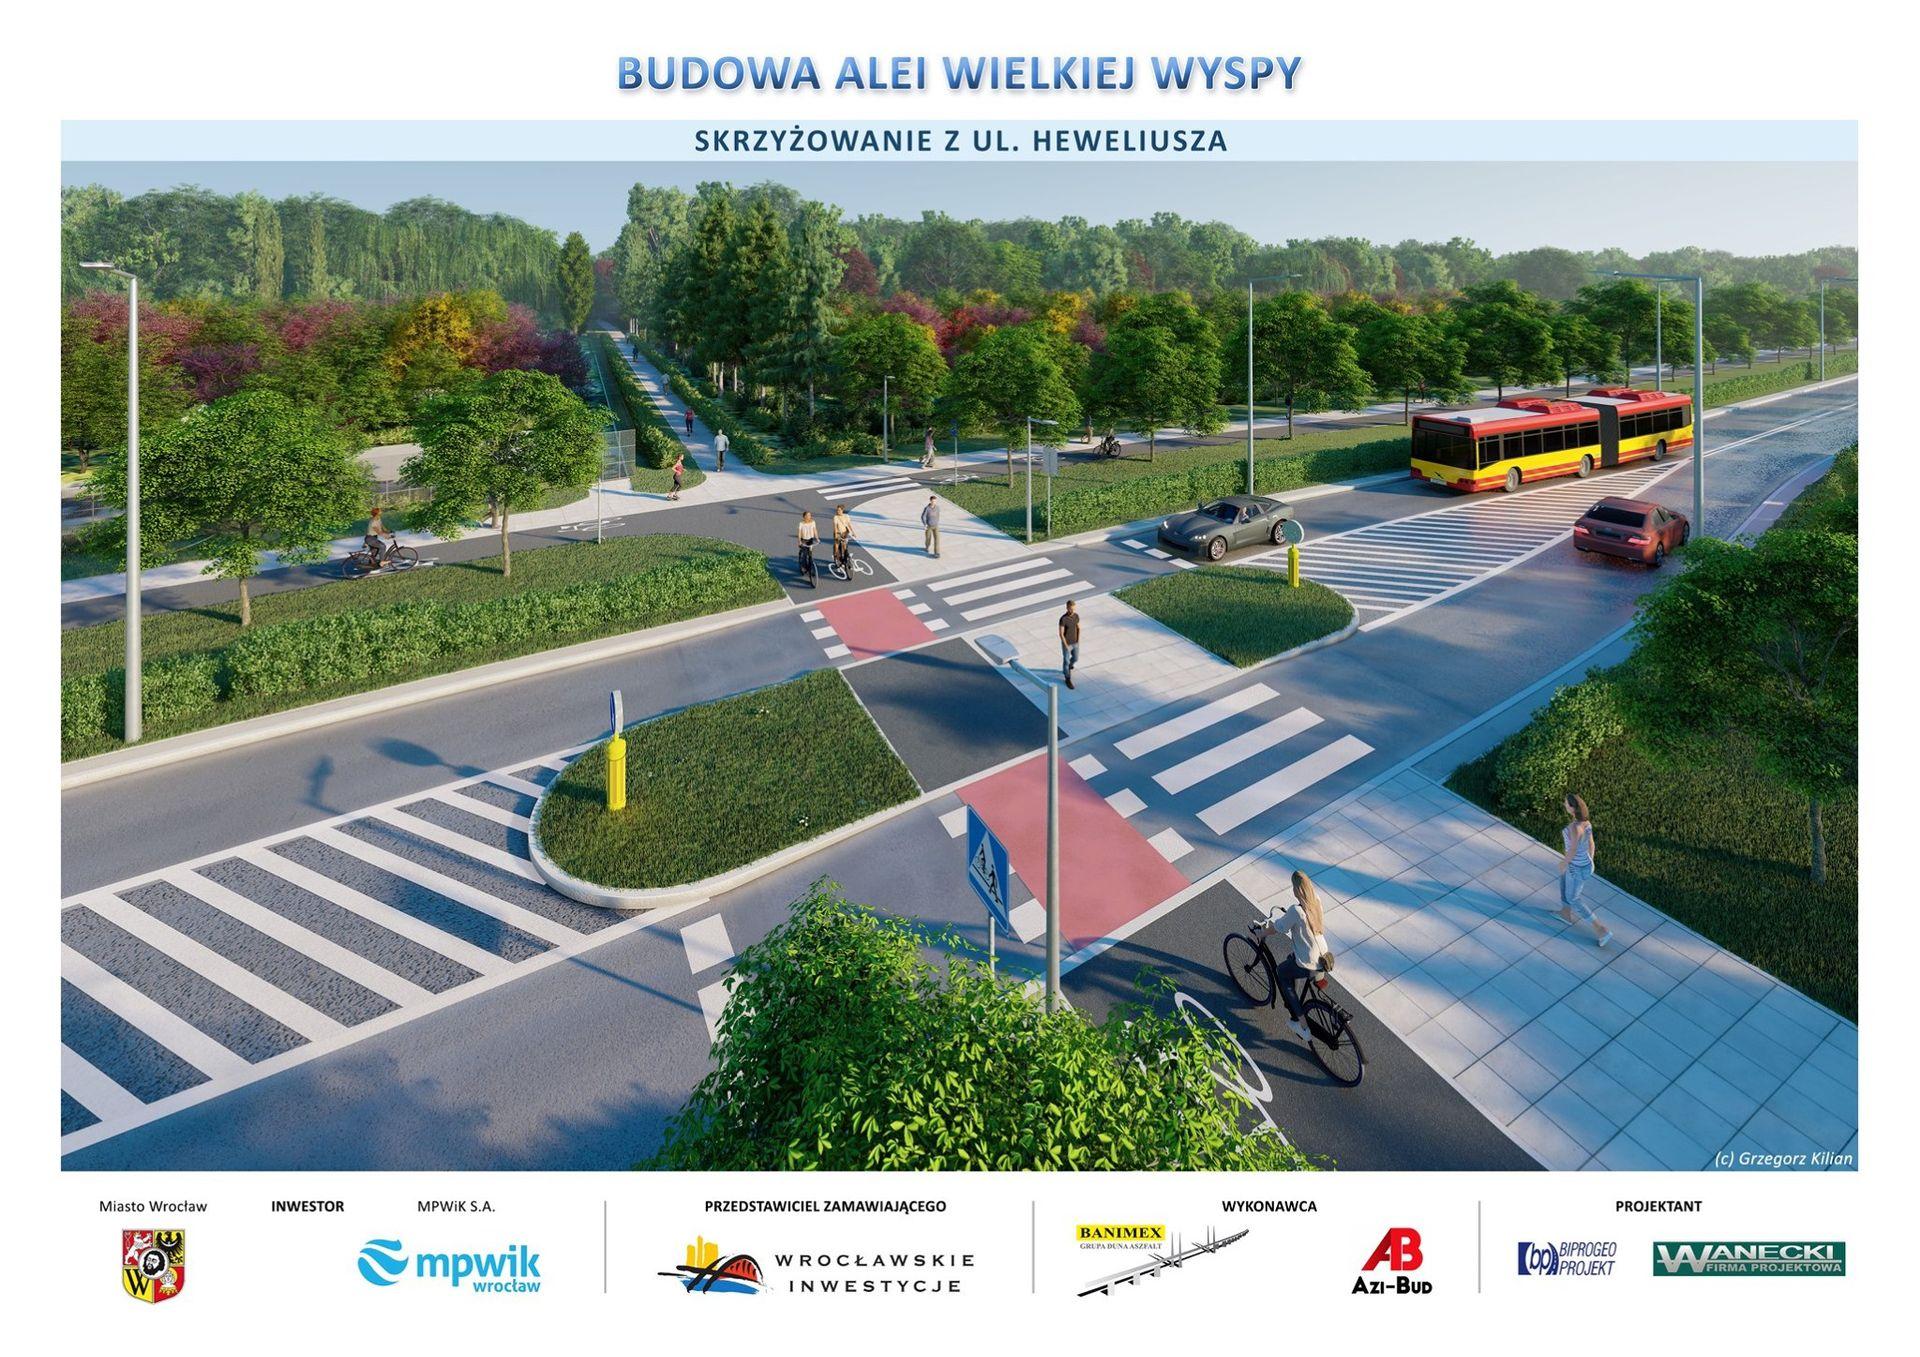 Wrocław: Budowa Alei Wielkiej Wyspy nie jest zagrożona [NOWE WIZUALIZACJE]